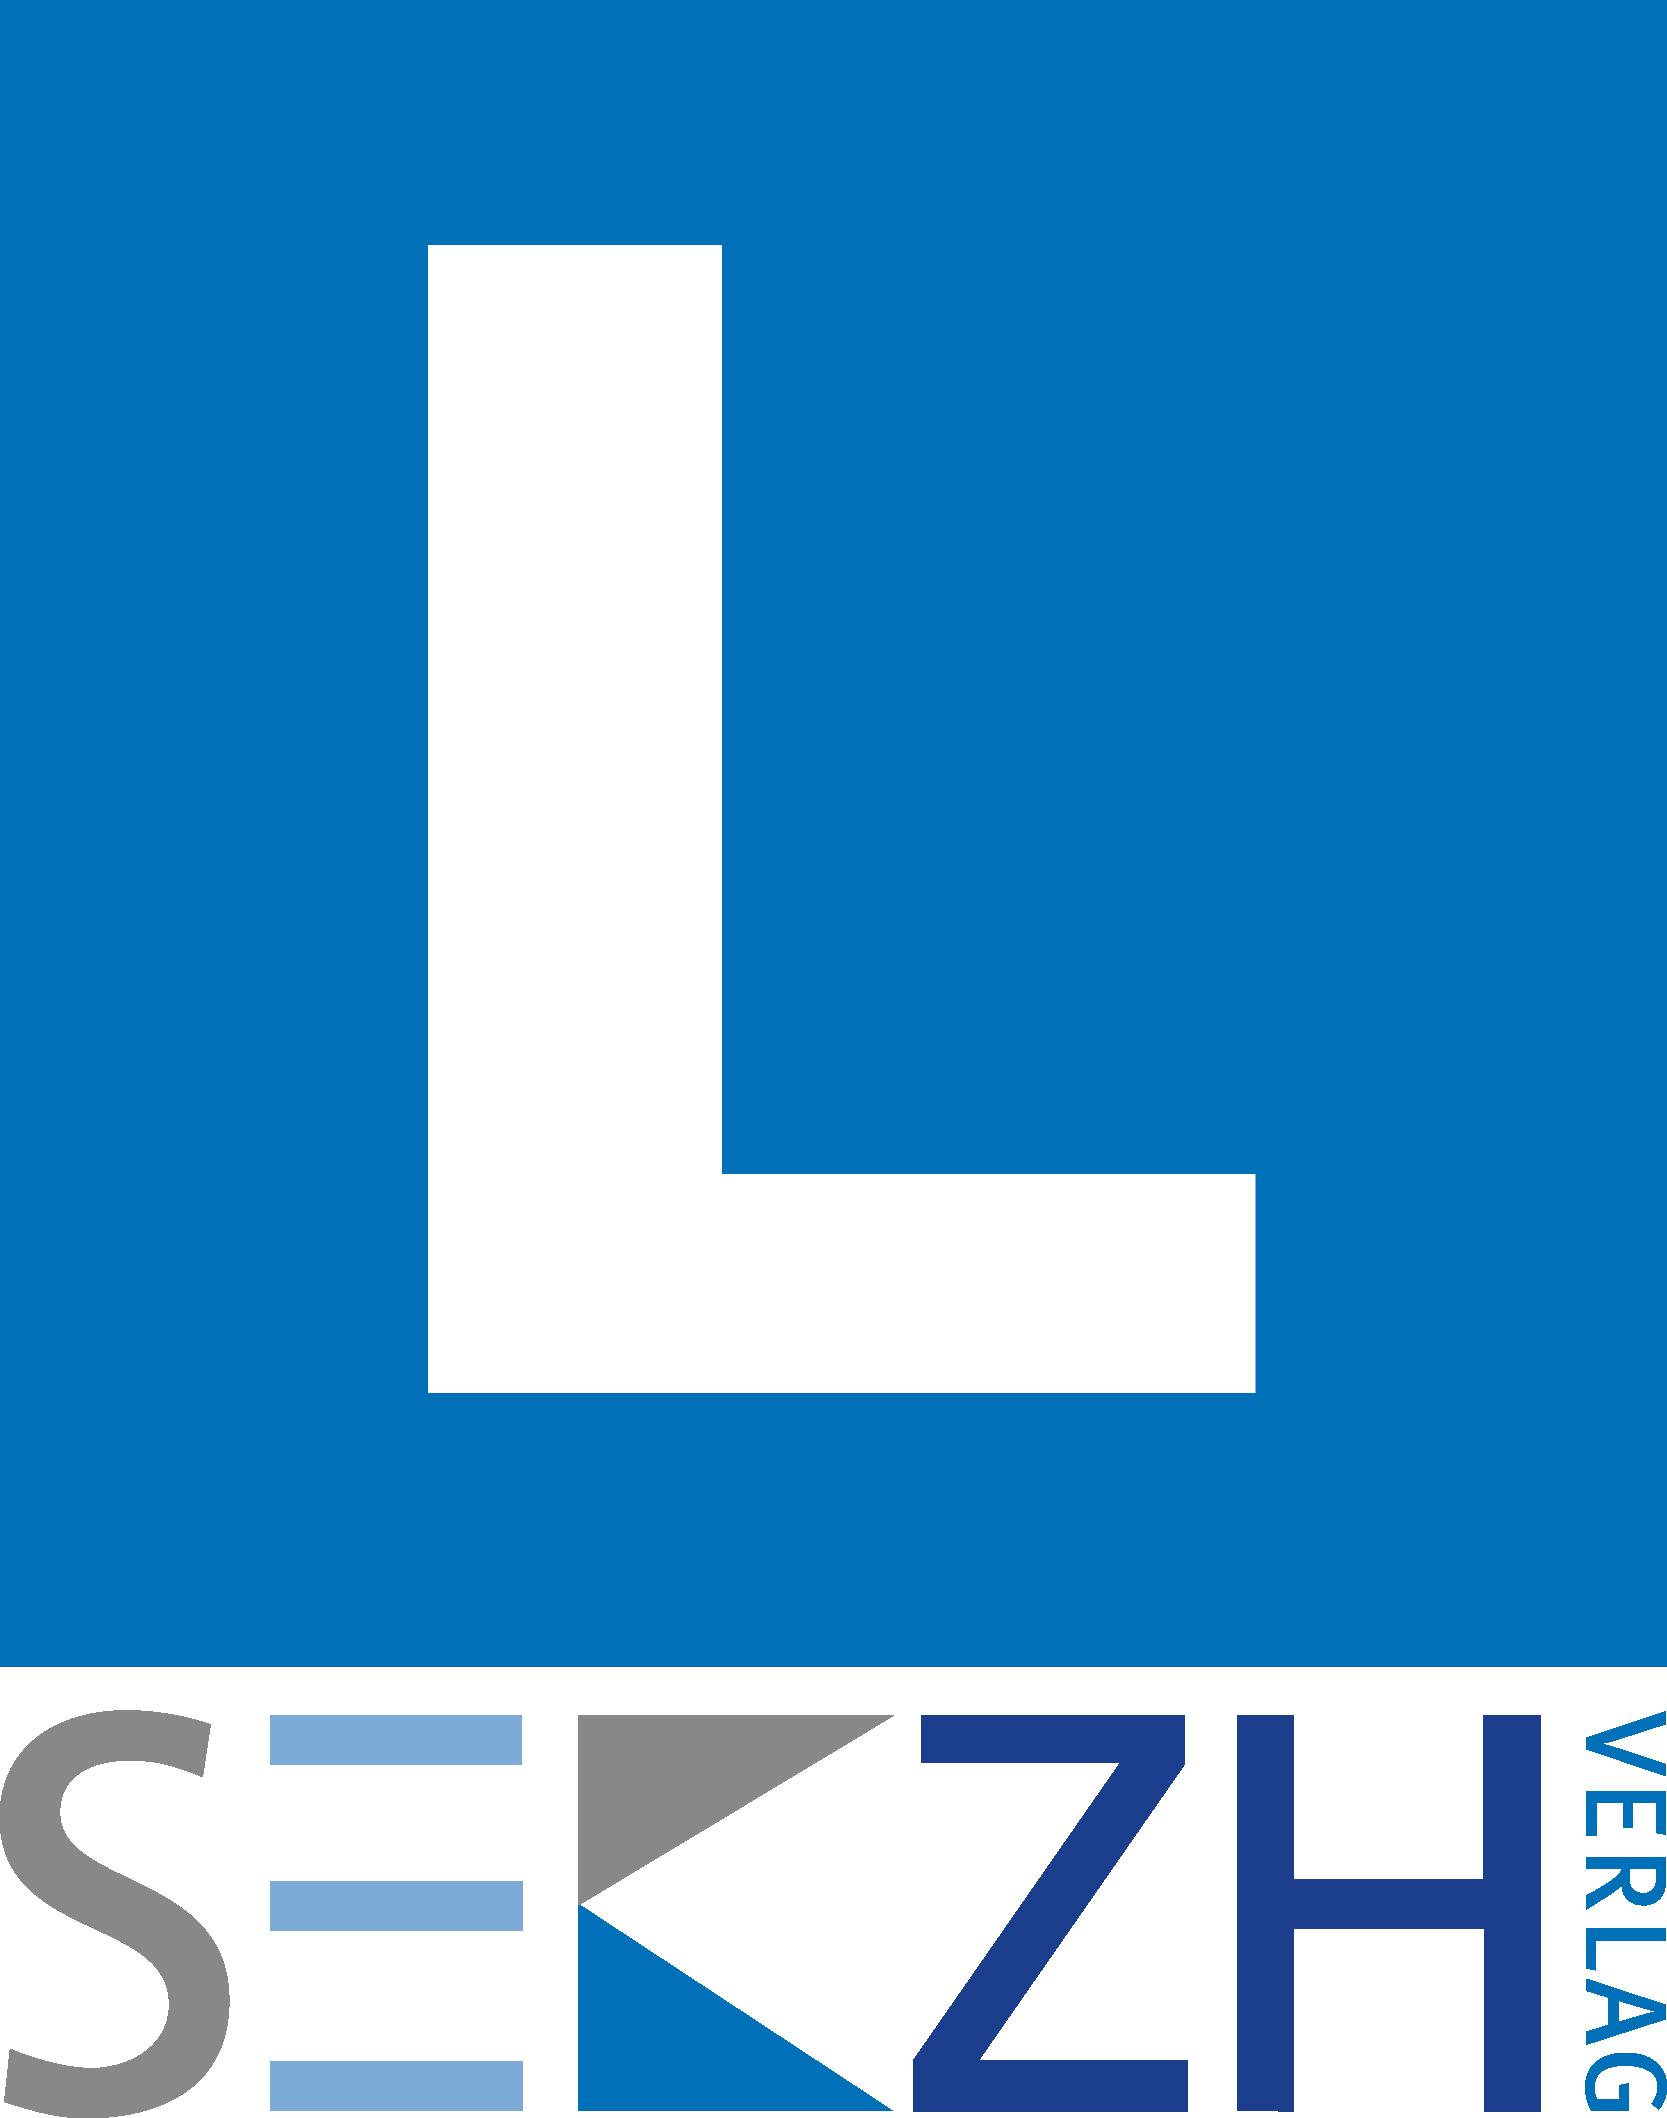 Lernplattform SekZH - Schulhauslizenz 18/19